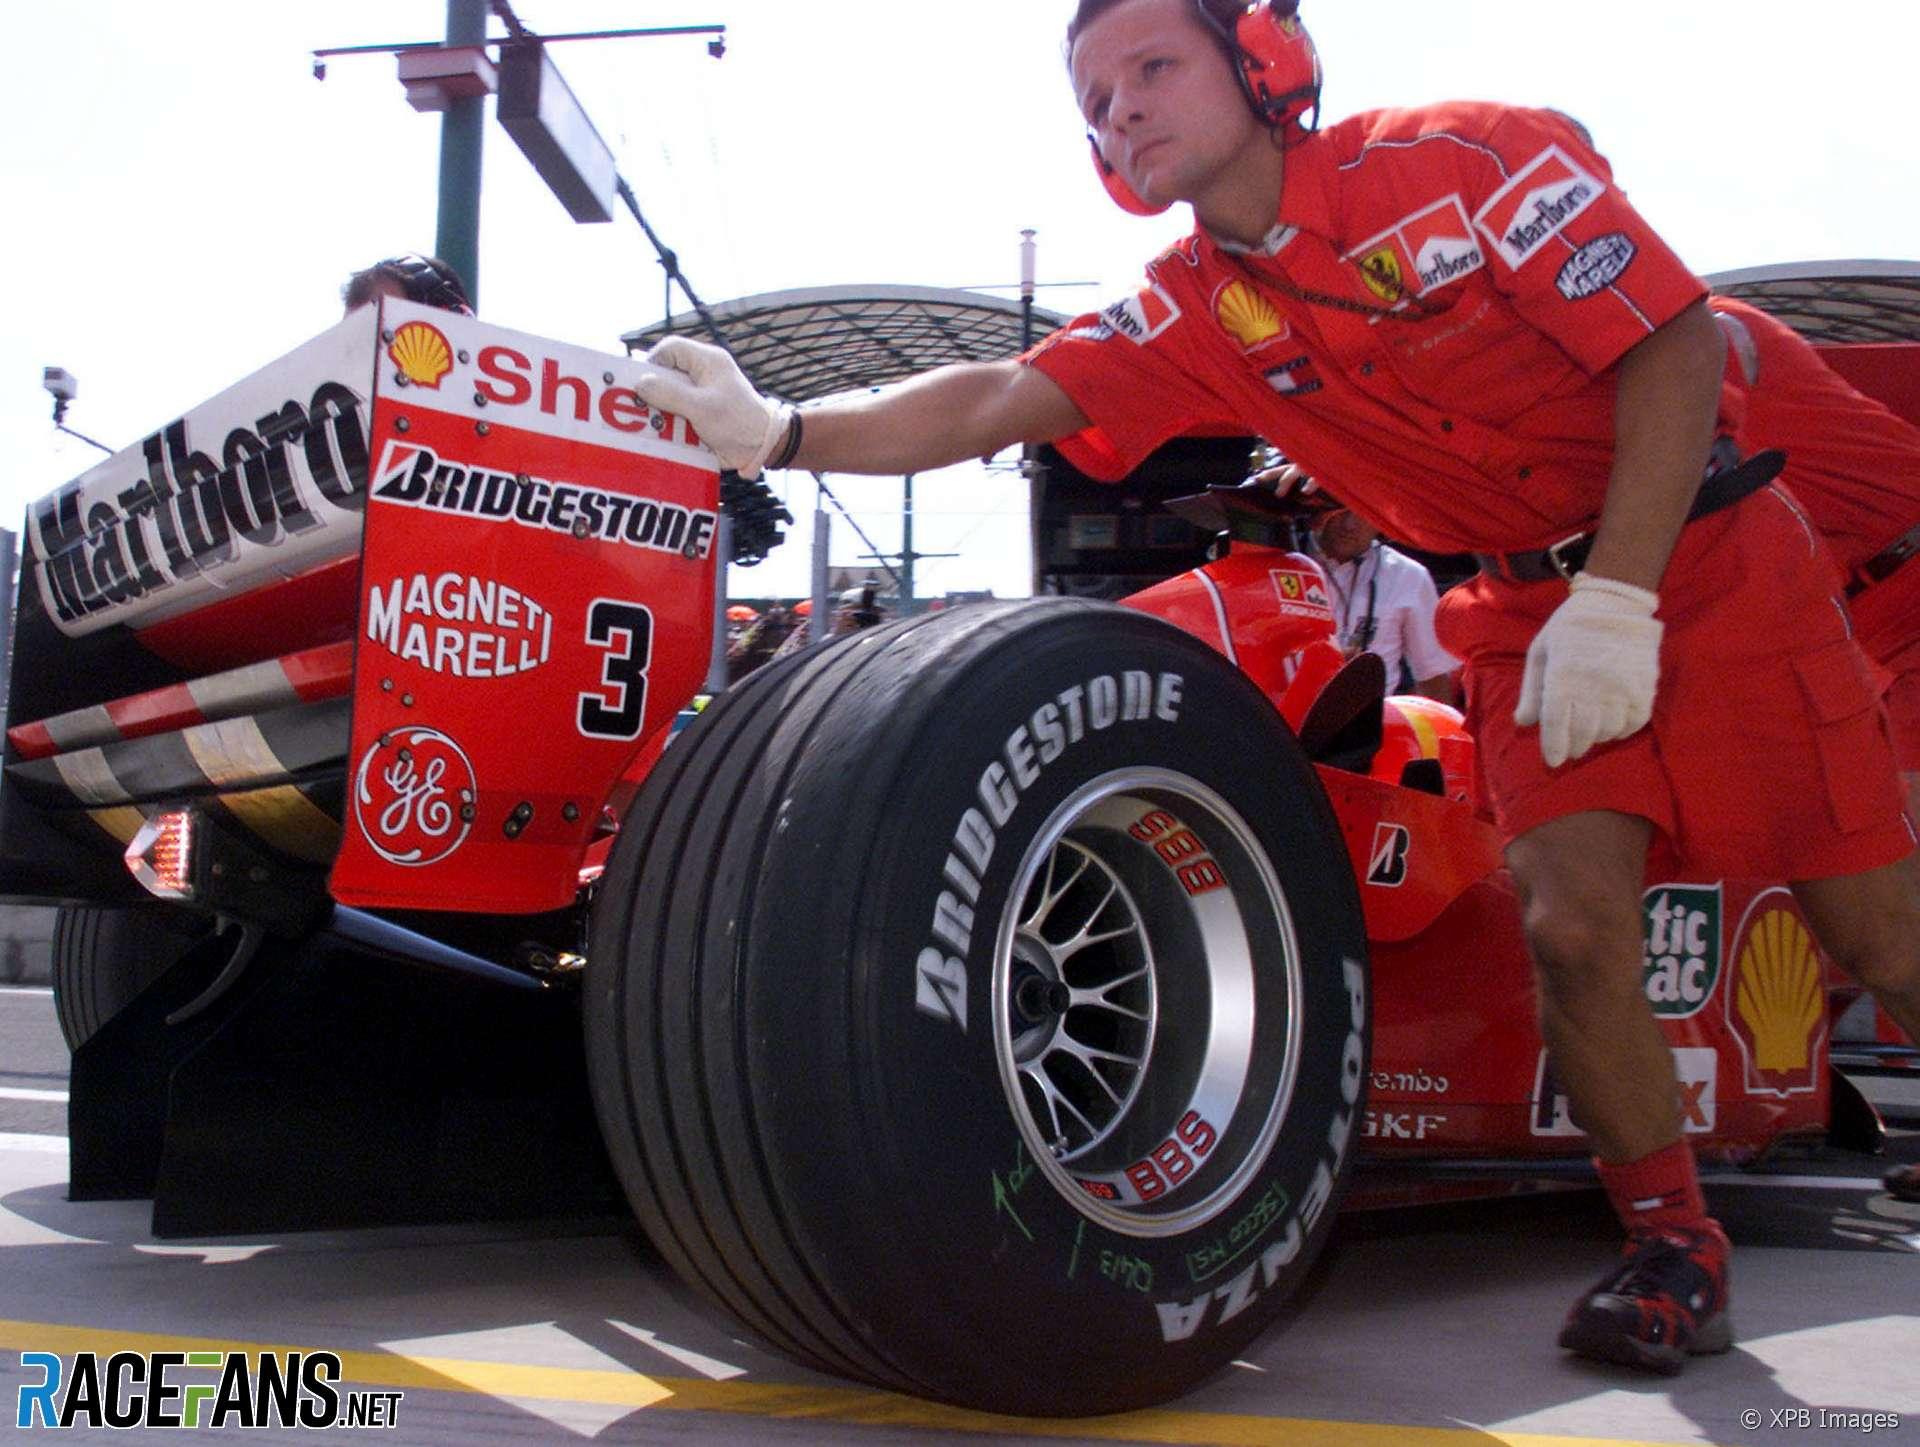 13 Belgian Grand Prix Belgium Circuit de Spa-Francorchamps, Stavelot racefansdotnet-20200316-1...jpg